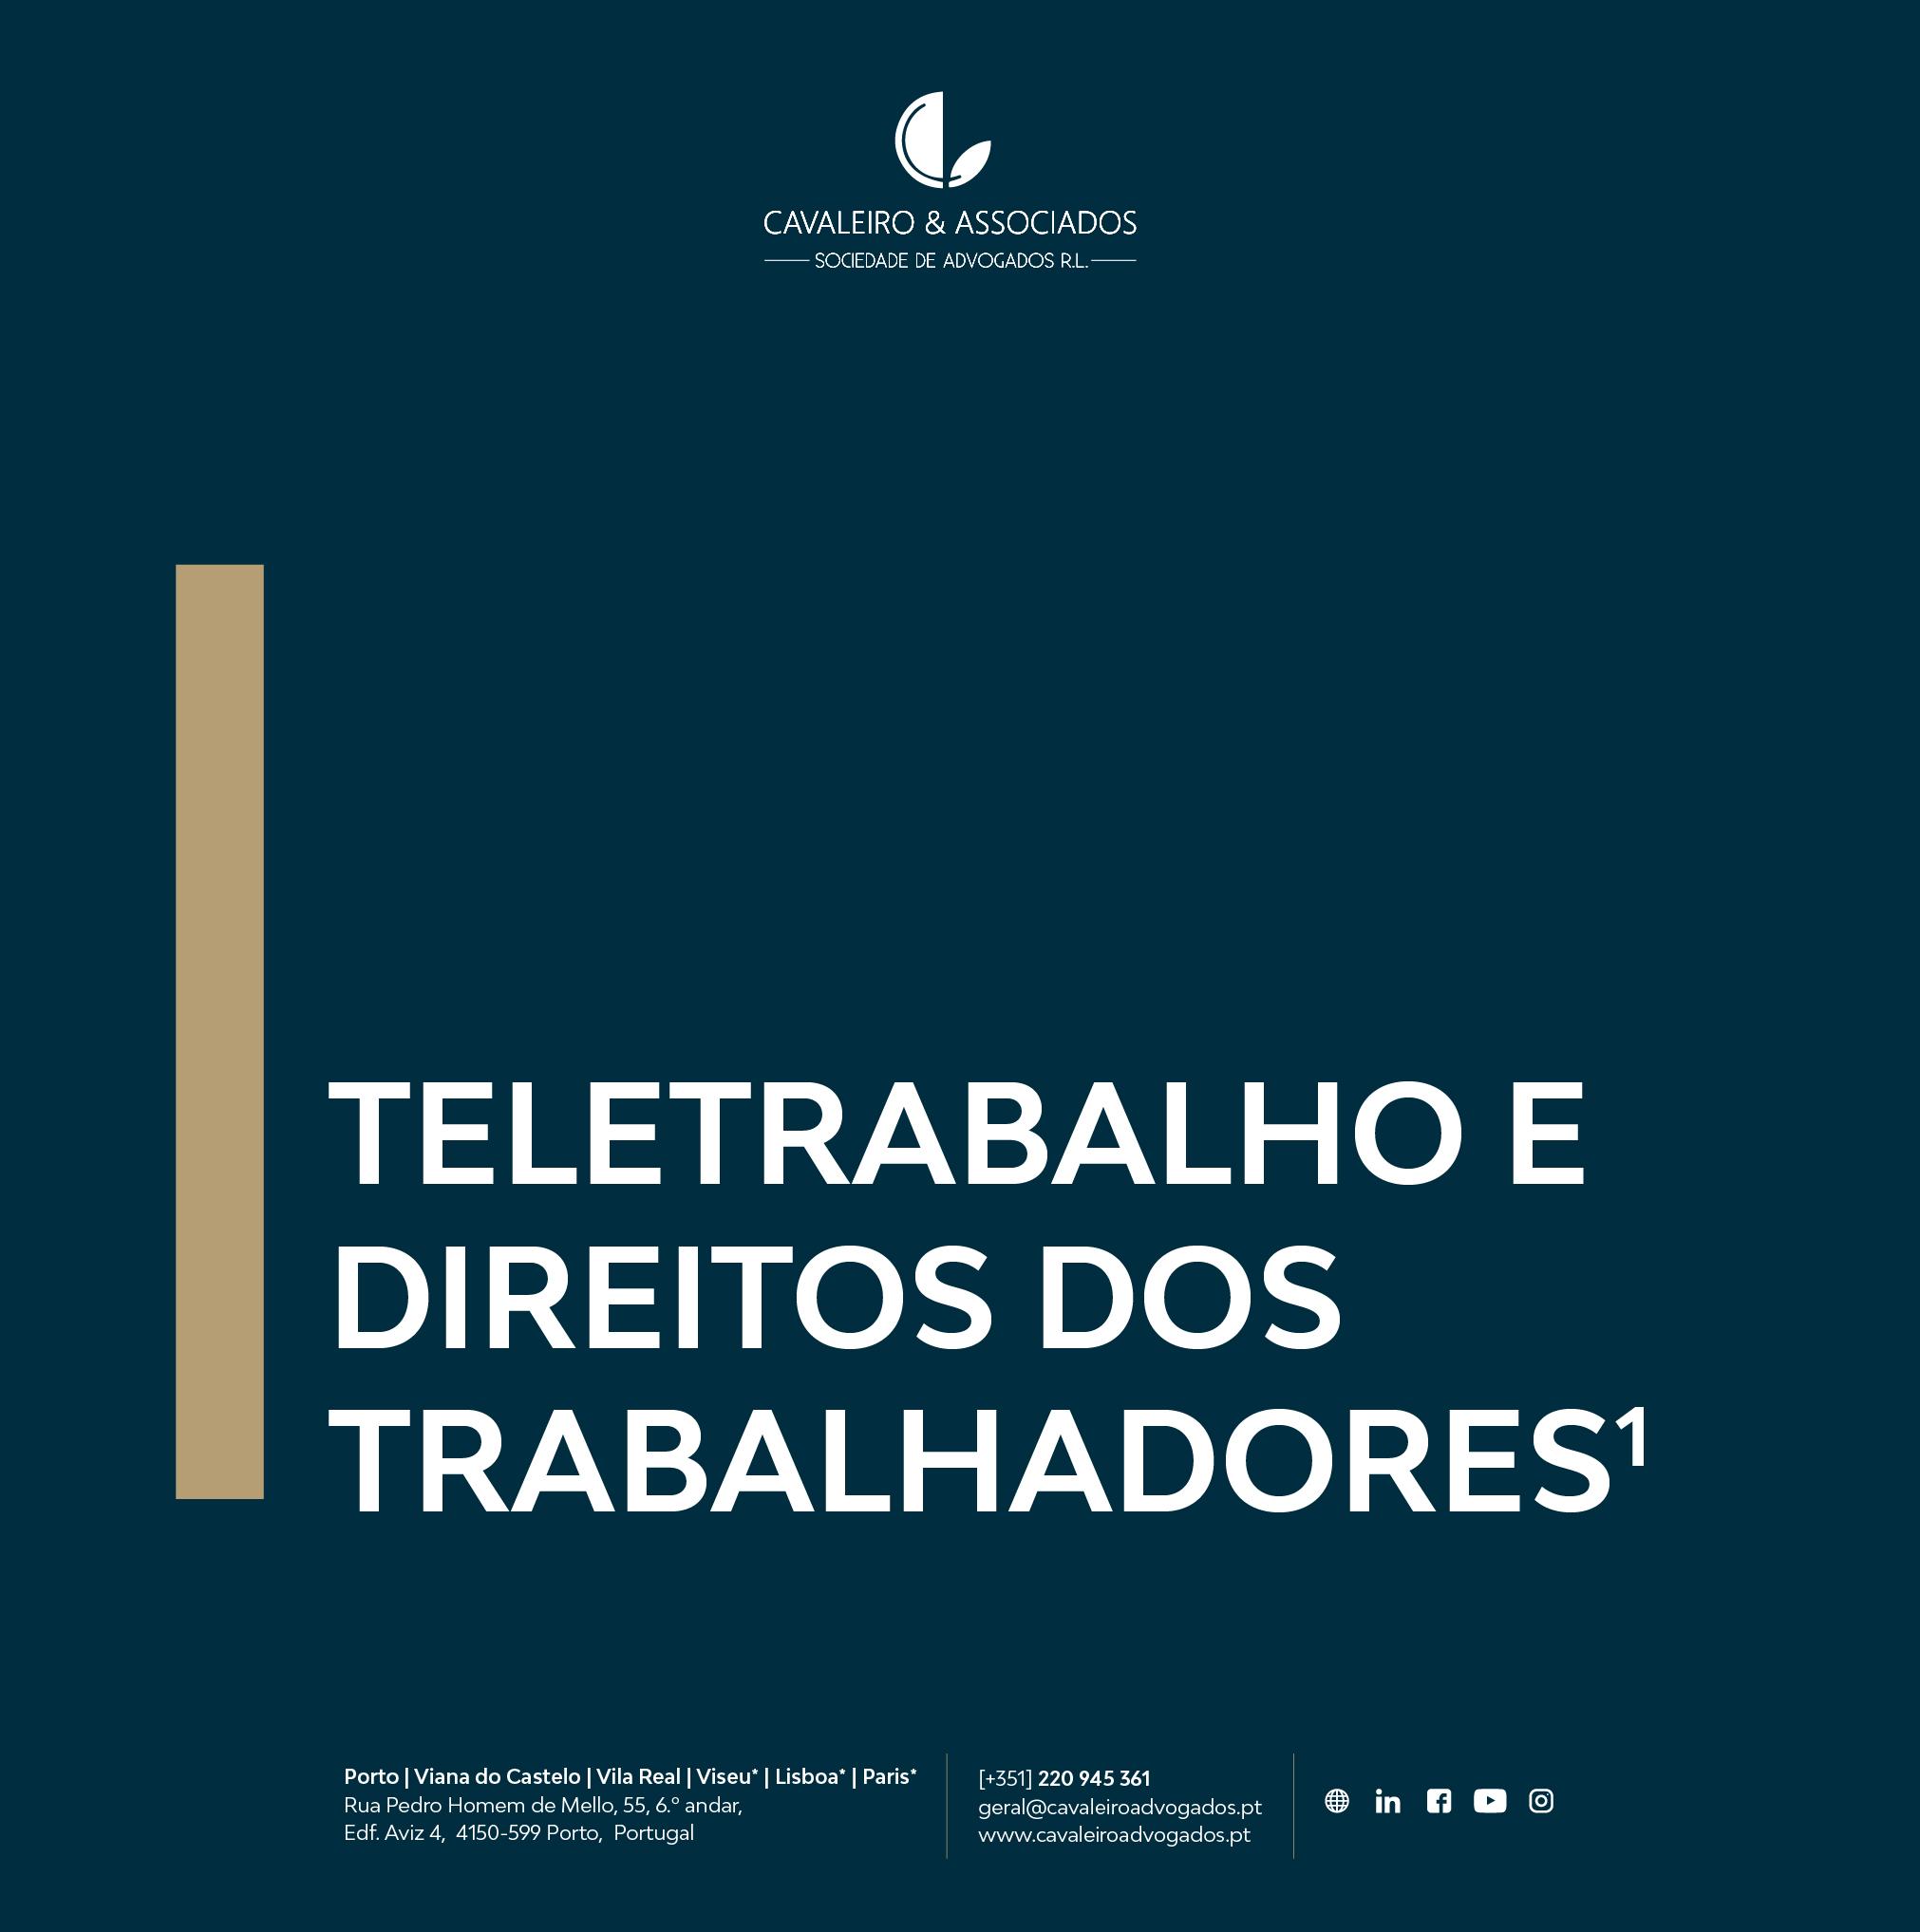 Teletrabalho e Direitos dos Trabalhadores